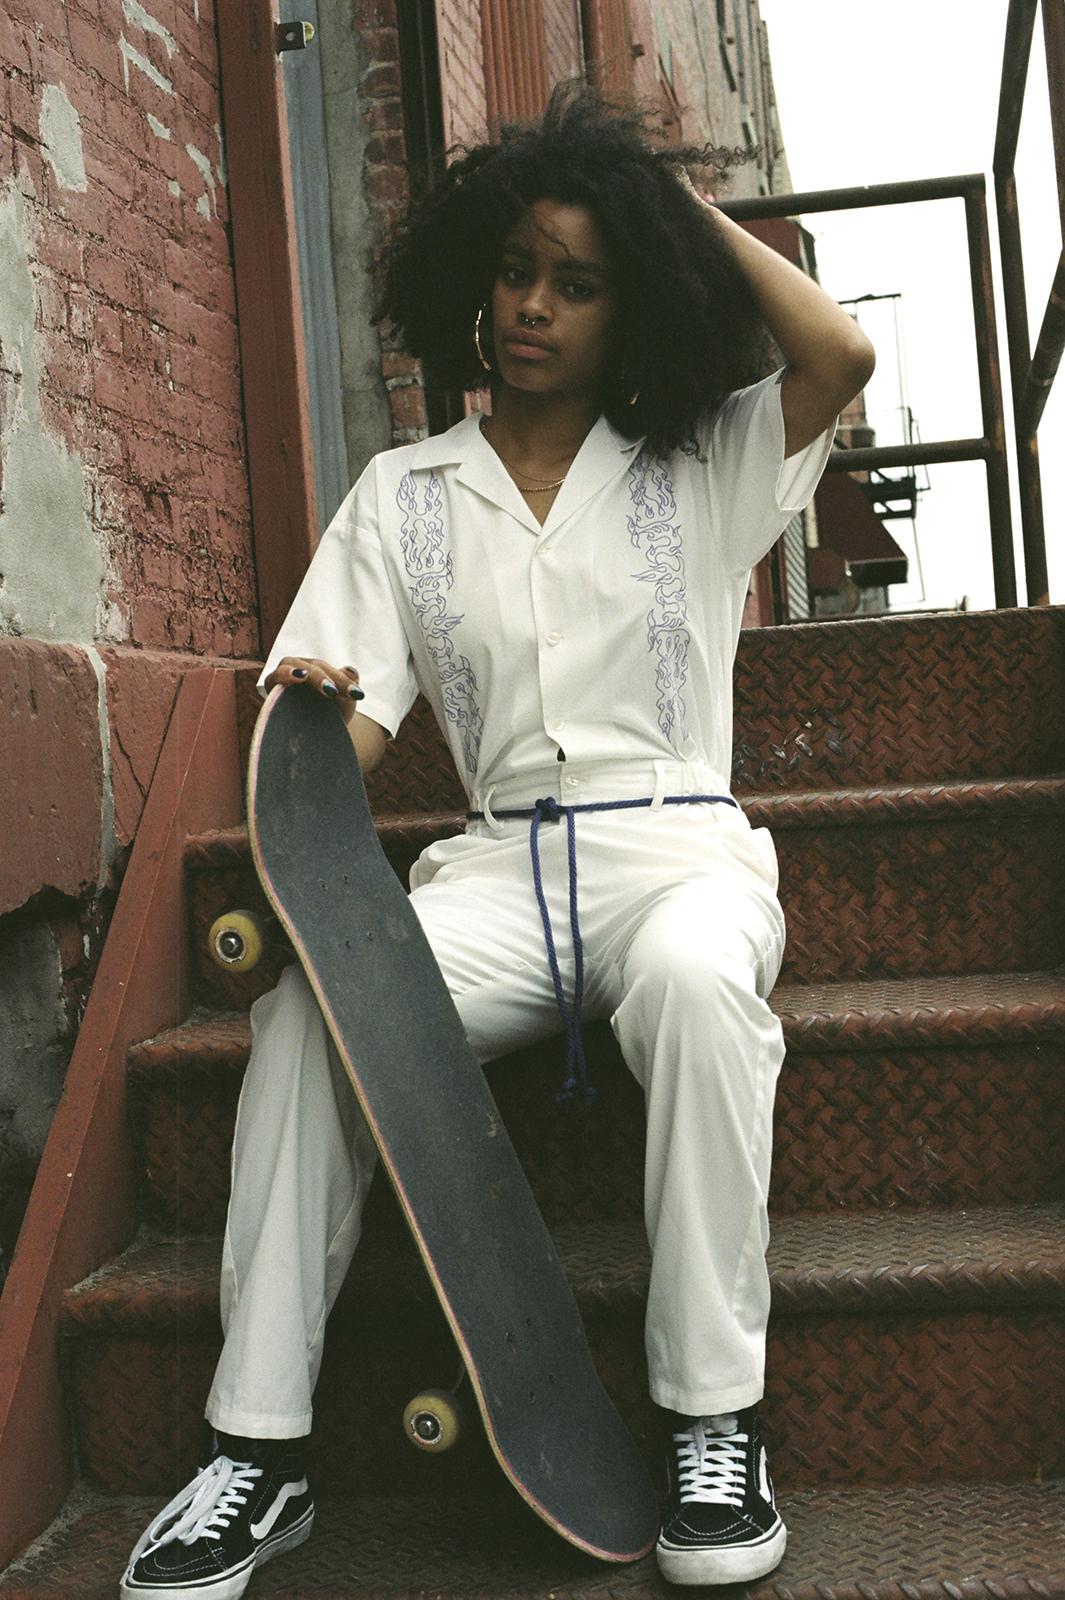 「#1 X-girl skateboards」(提供写真)